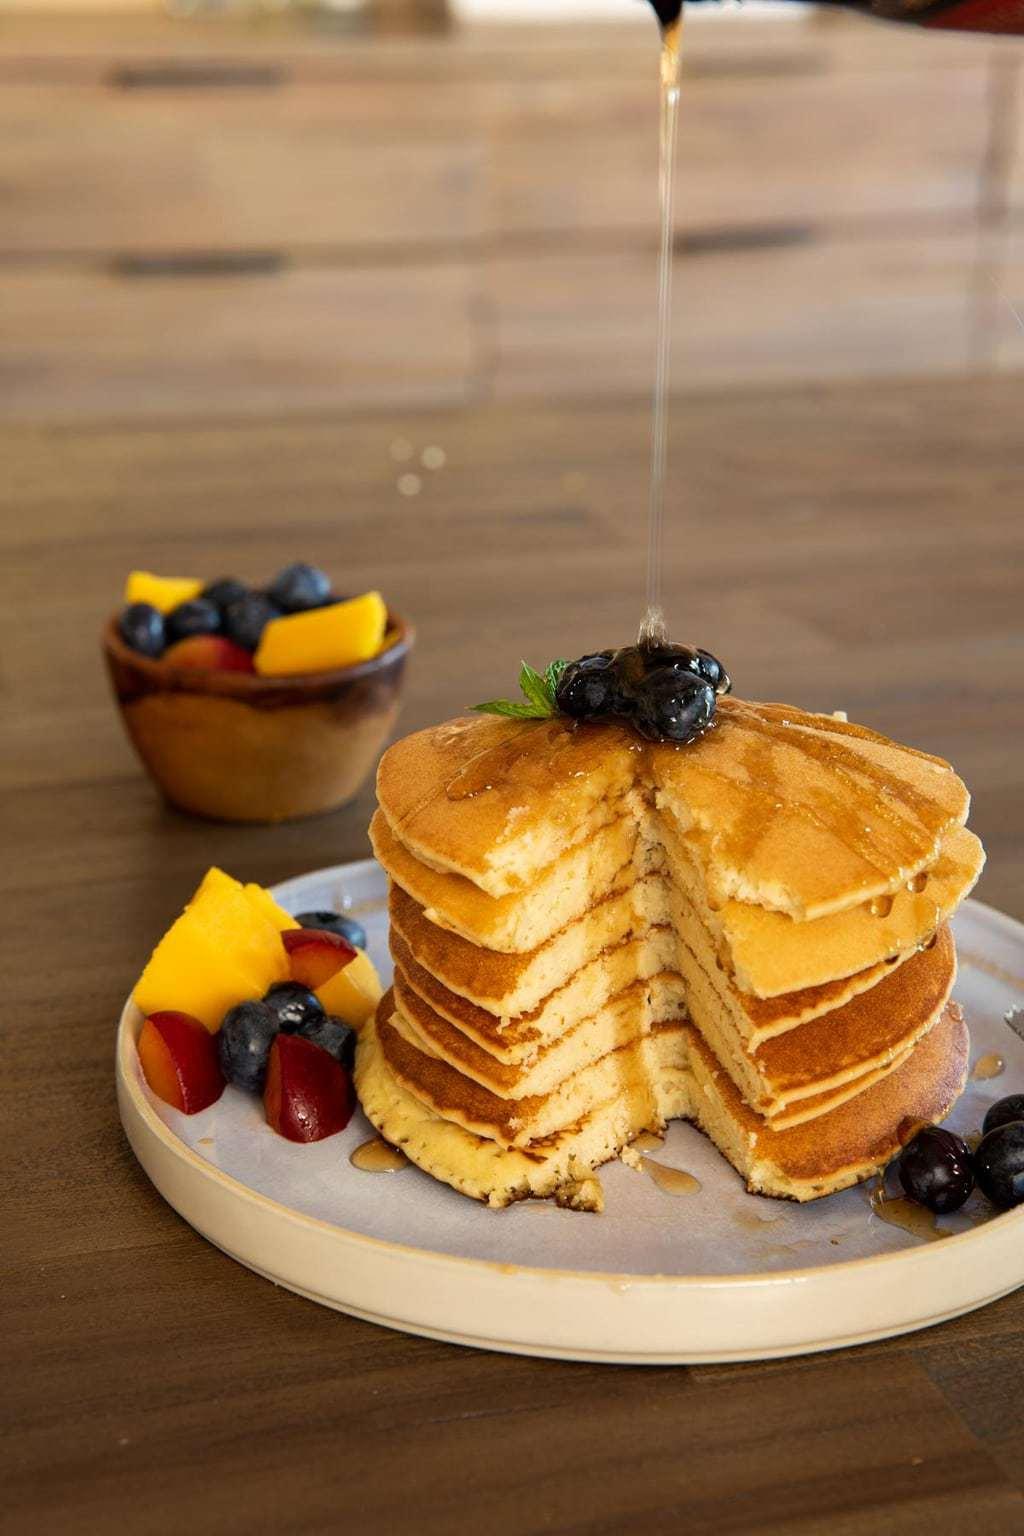 生酮平底鍋鬆餅 Keto Pancake 口感蓬鬆、完美焦糖色鬆餅的秘訣&影片